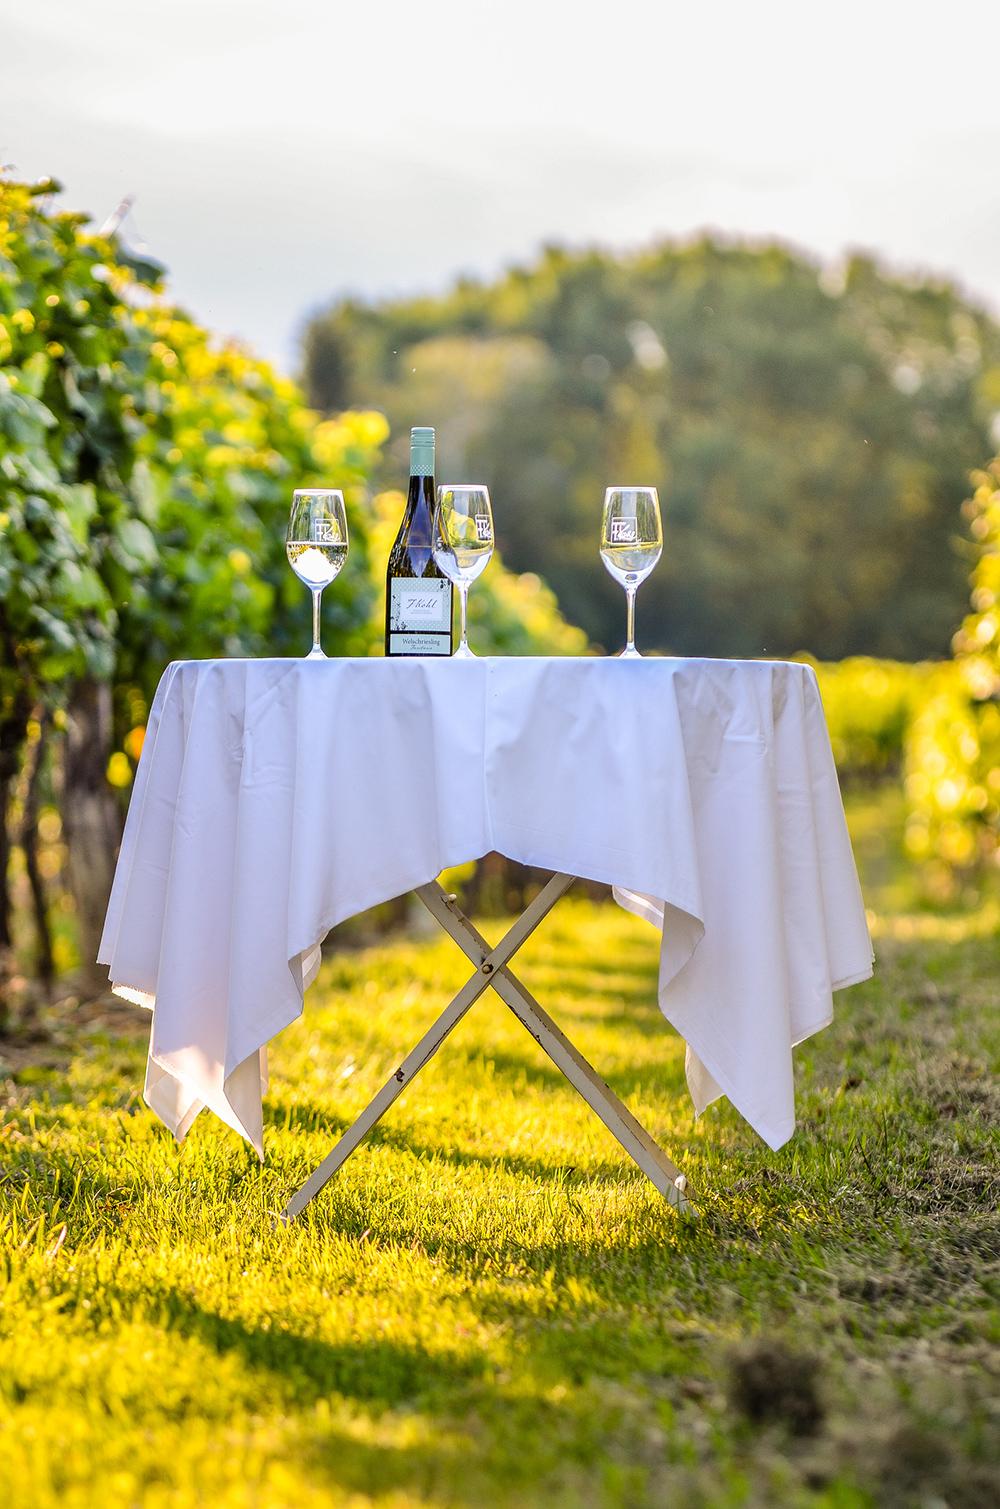 Tisch mit Wein im Weingarten